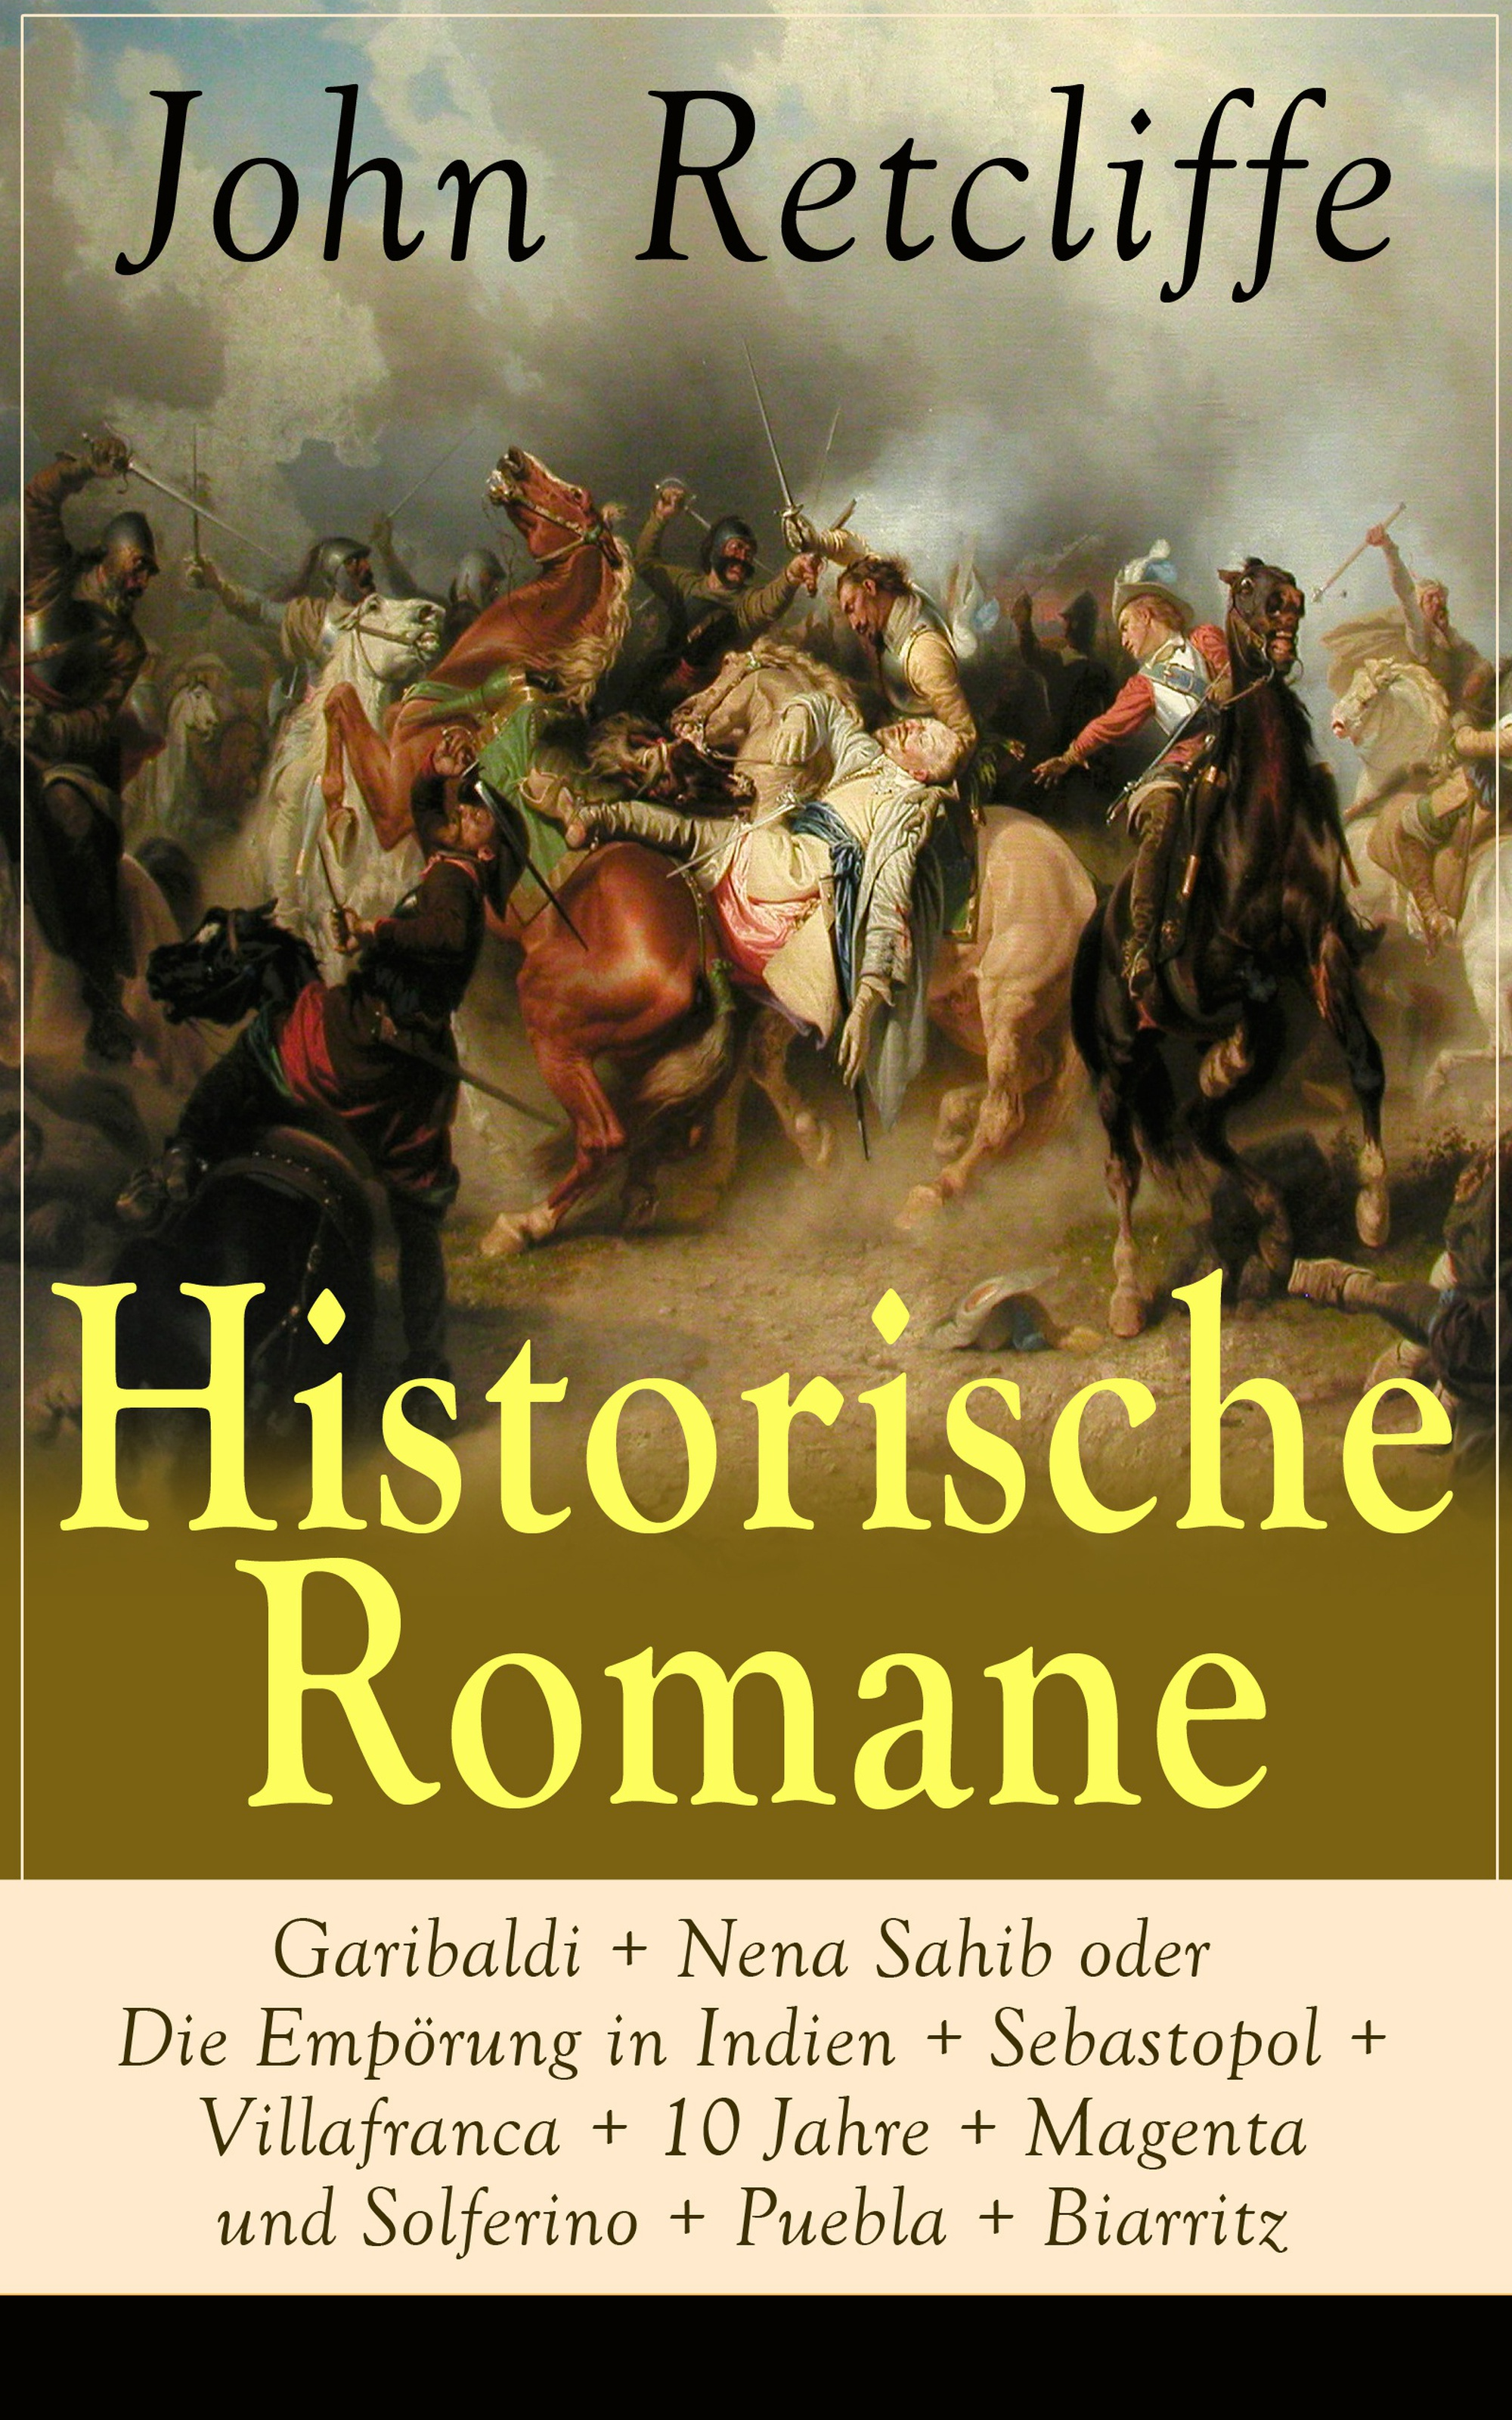 John Retcliffe Historische Romane: Garibaldi + Nena Sahib oder Die Empörung in Indien + Sebastopol + Villafranca + 10 Jahre + Magenta und Solferino + Puebla + Biarritz nena gießen